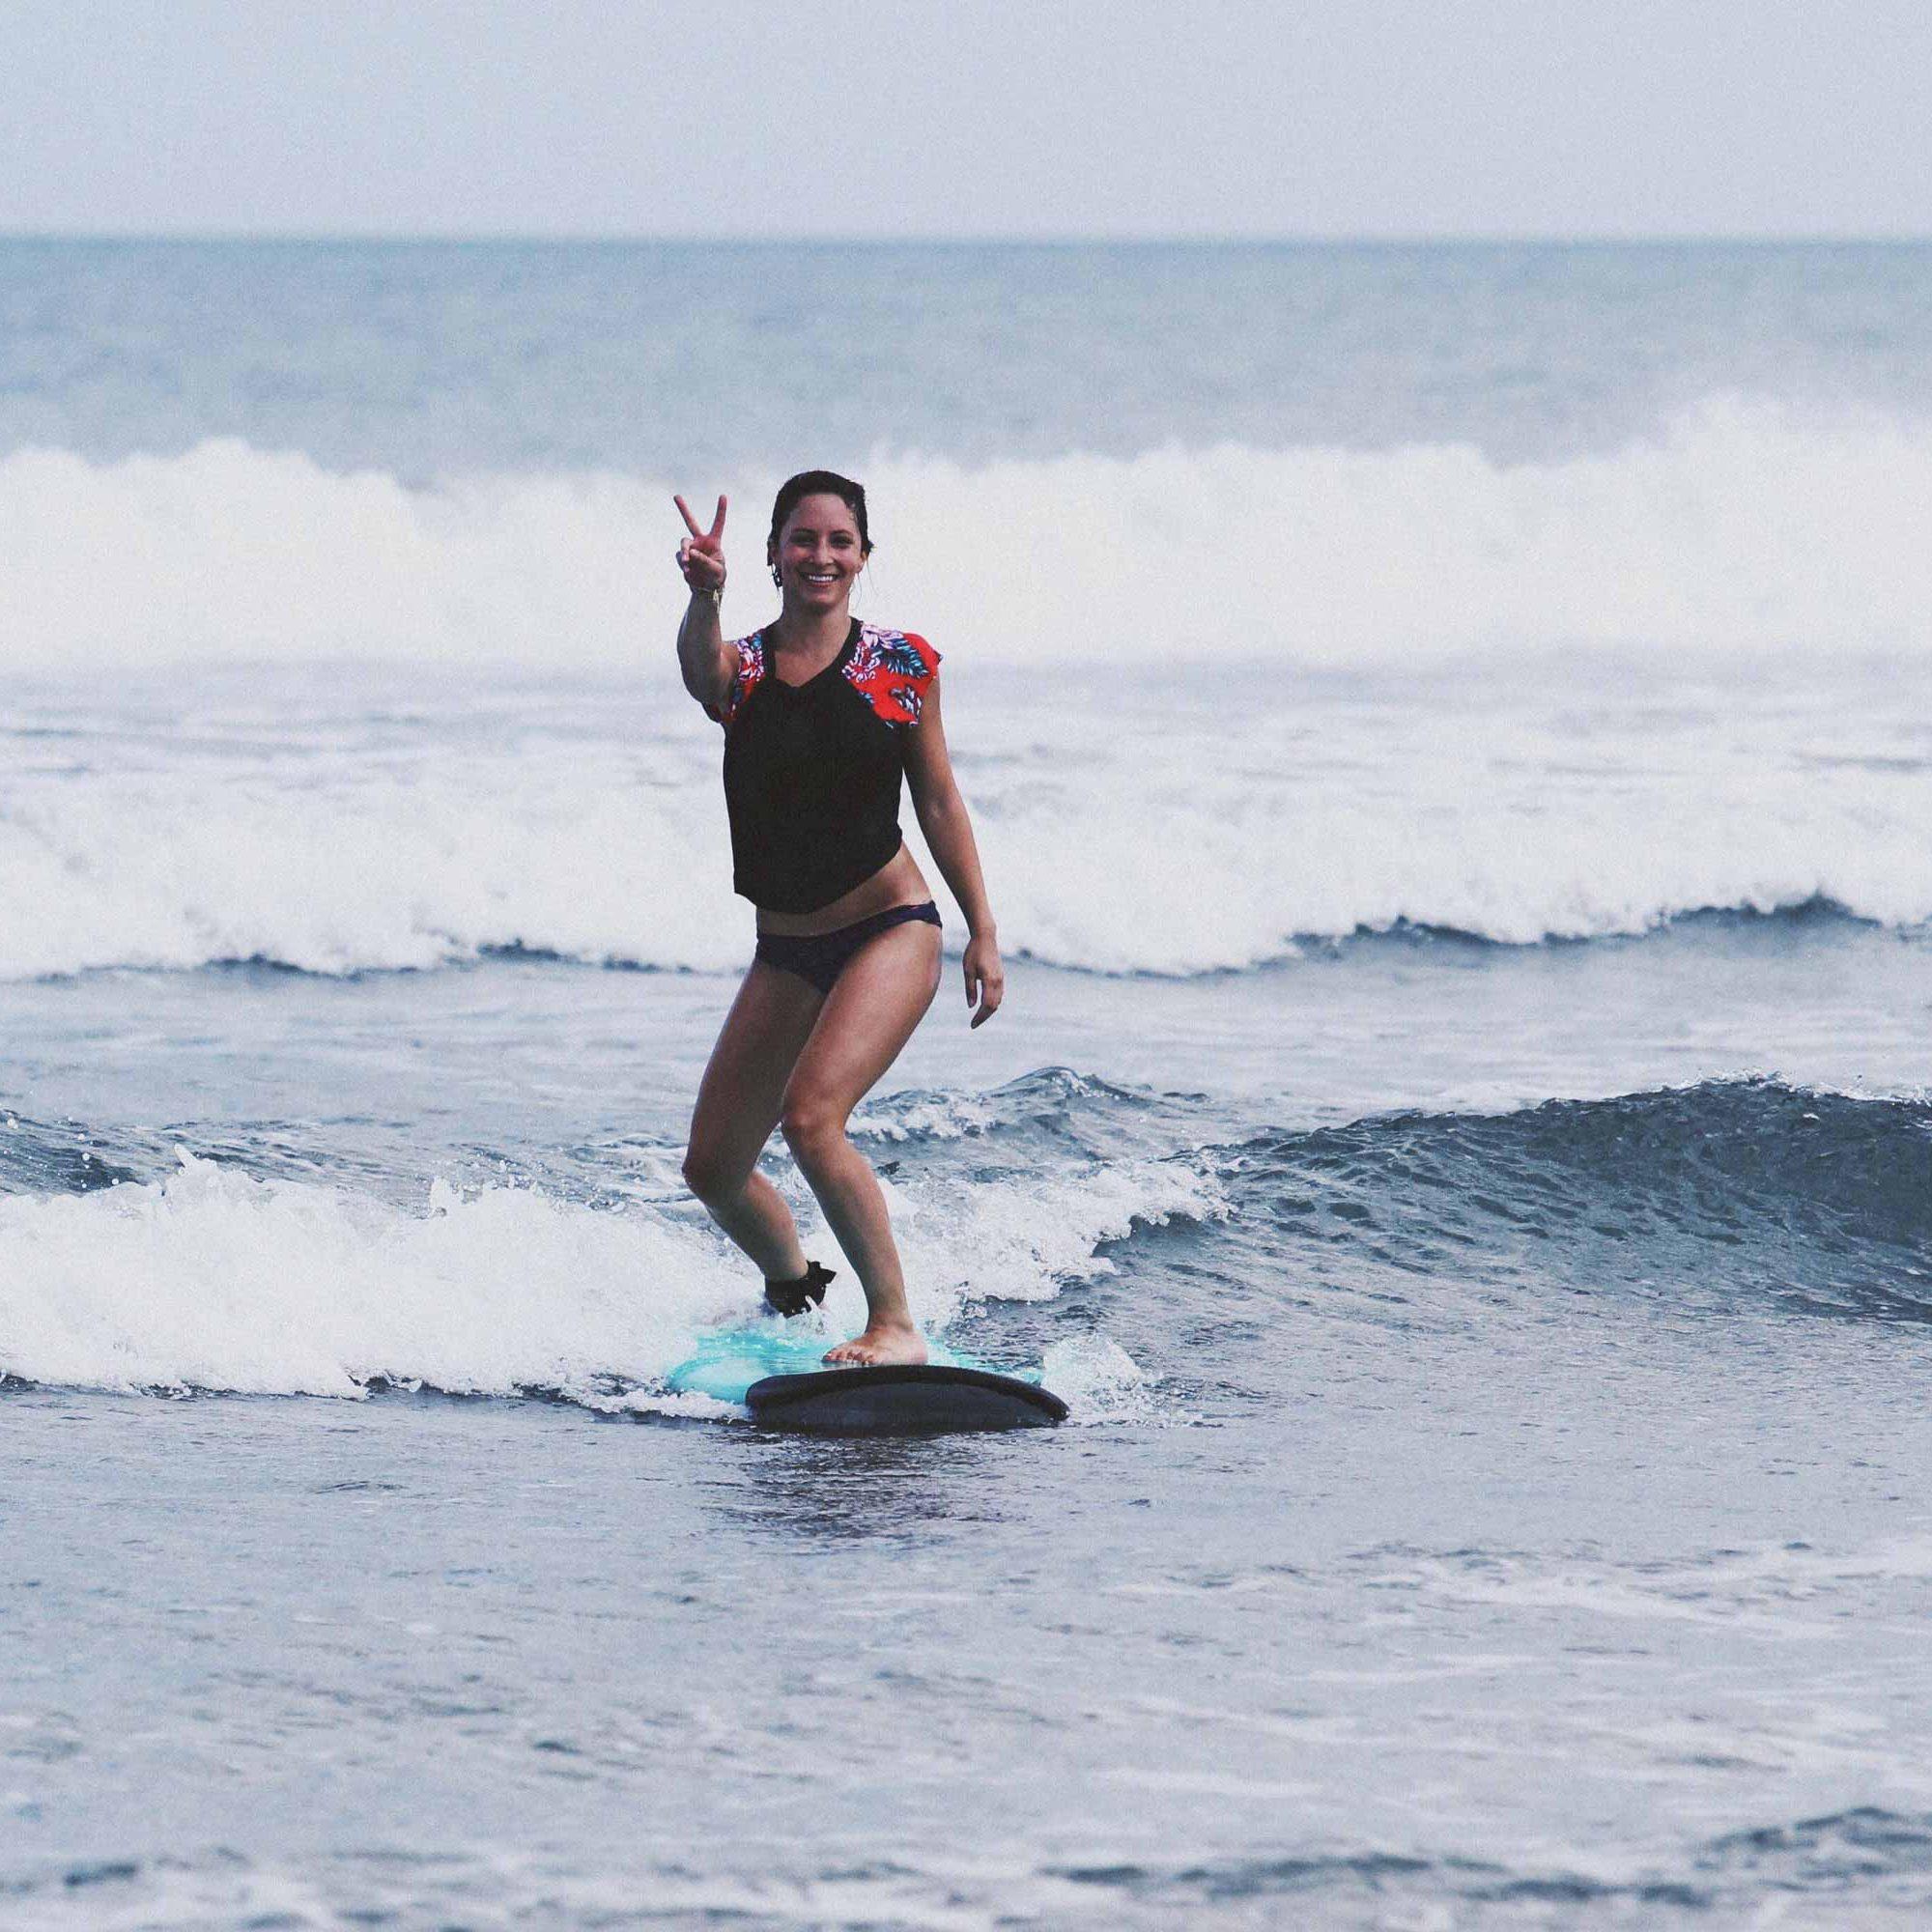 Kuta-Beach-Beginner-Surfer